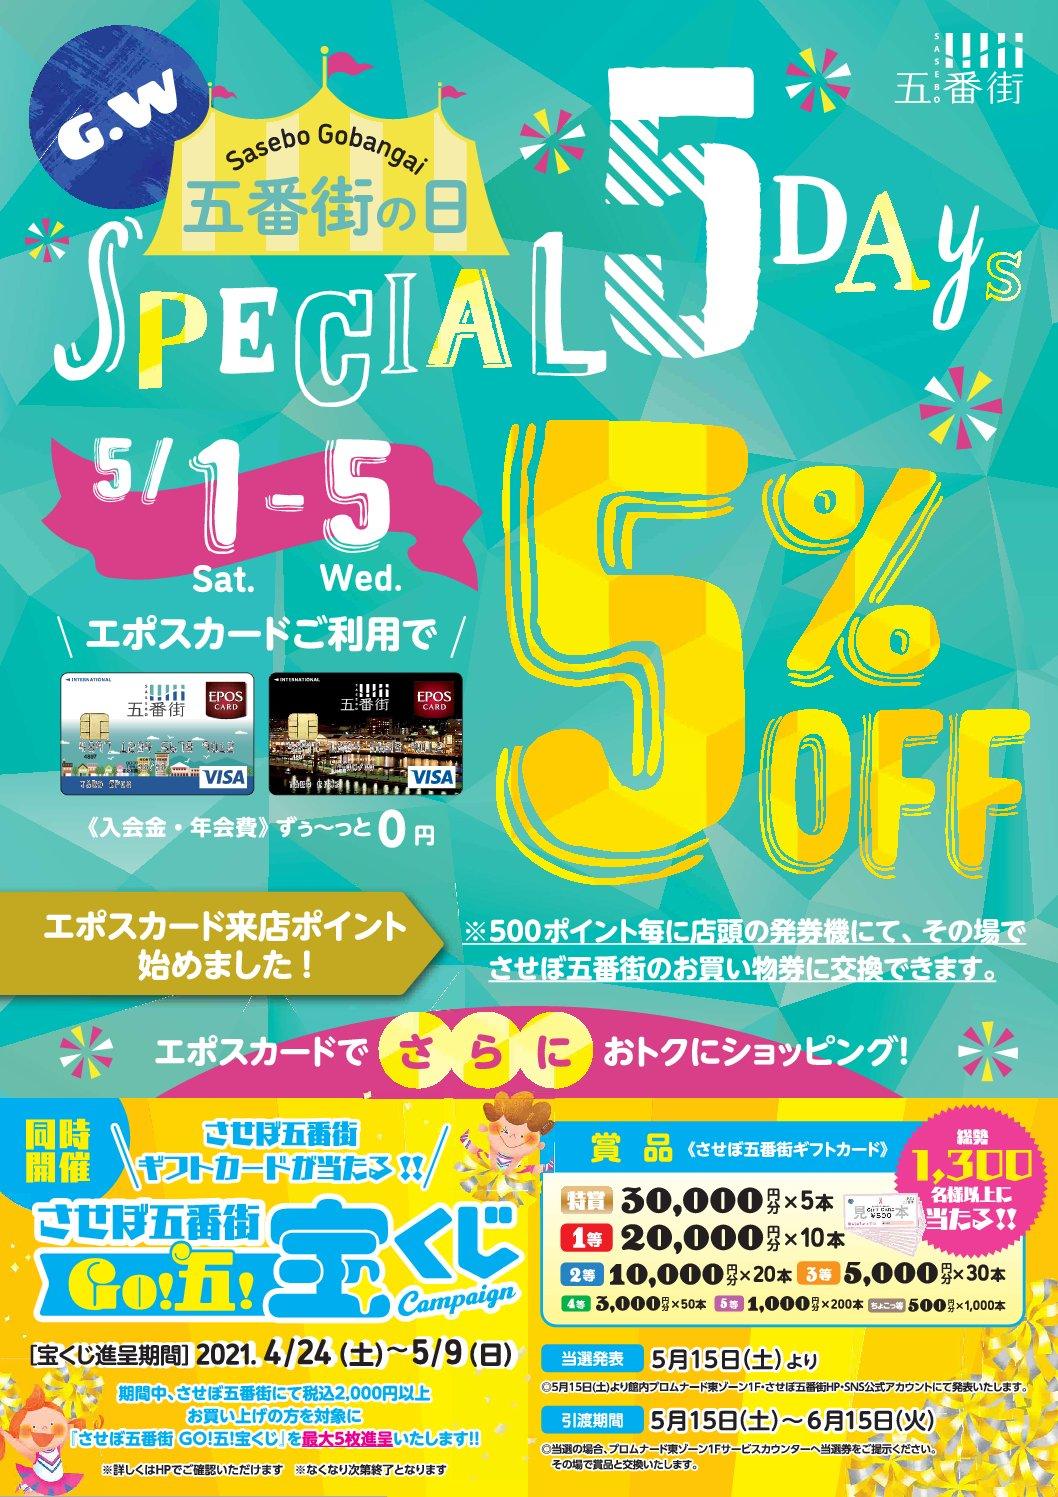 アイキャッチ:五番街の日 GW SPECIAL 5DAYS!! エポスカードのご利用5%OFF}